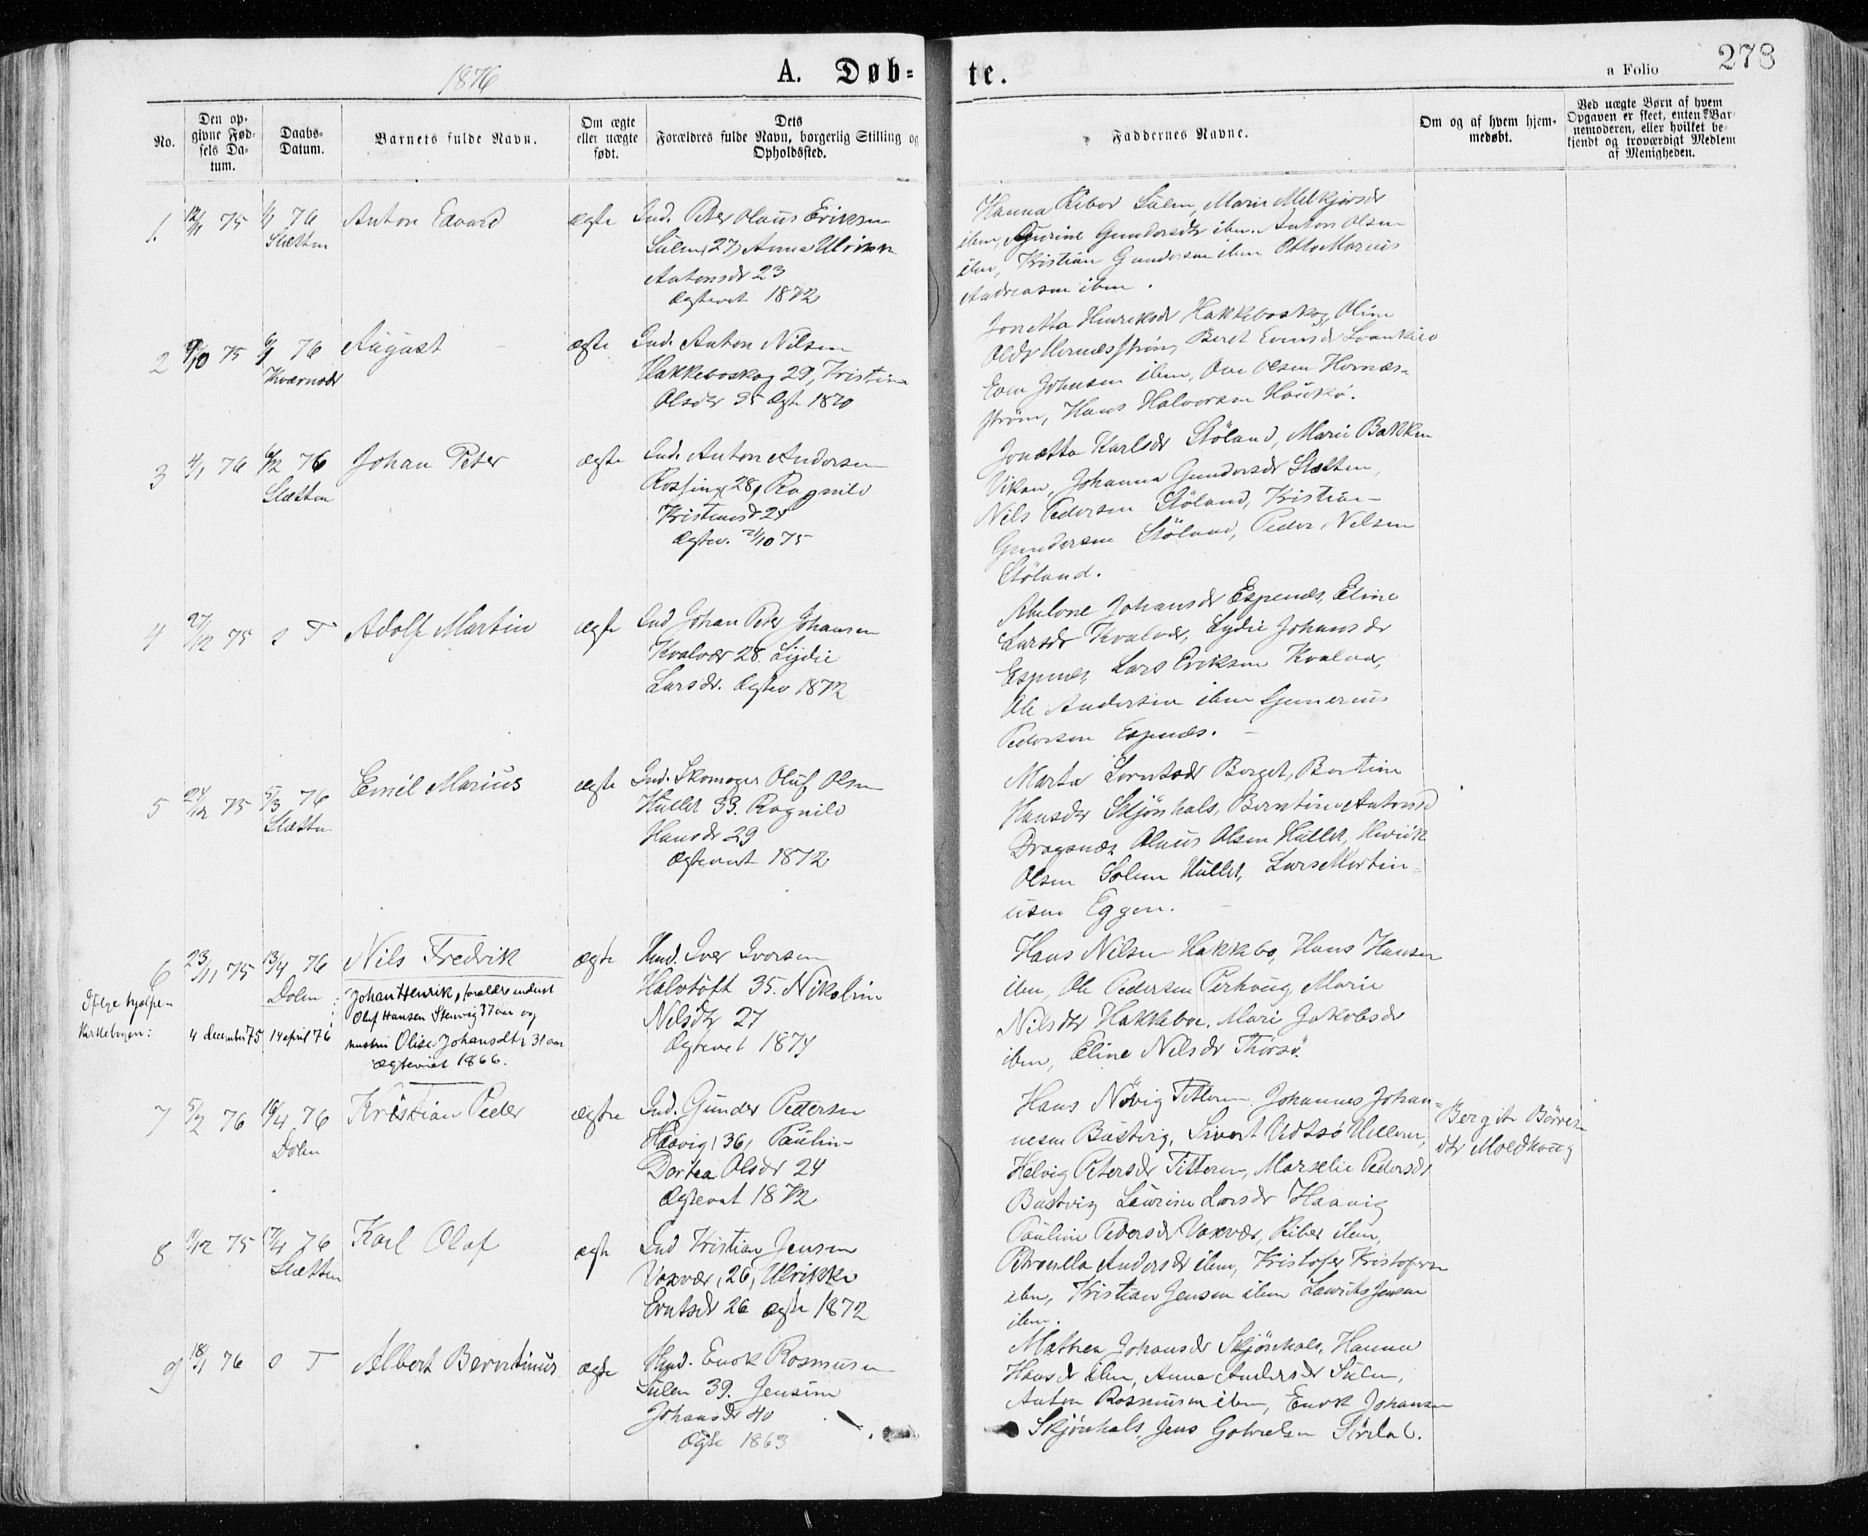 SAT, Ministerialprotokoller, klokkerbøker og fødselsregistre - Sør-Trøndelag, 640/L0576: Ministerialbok nr. 640A01, 1846-1876, s. 278